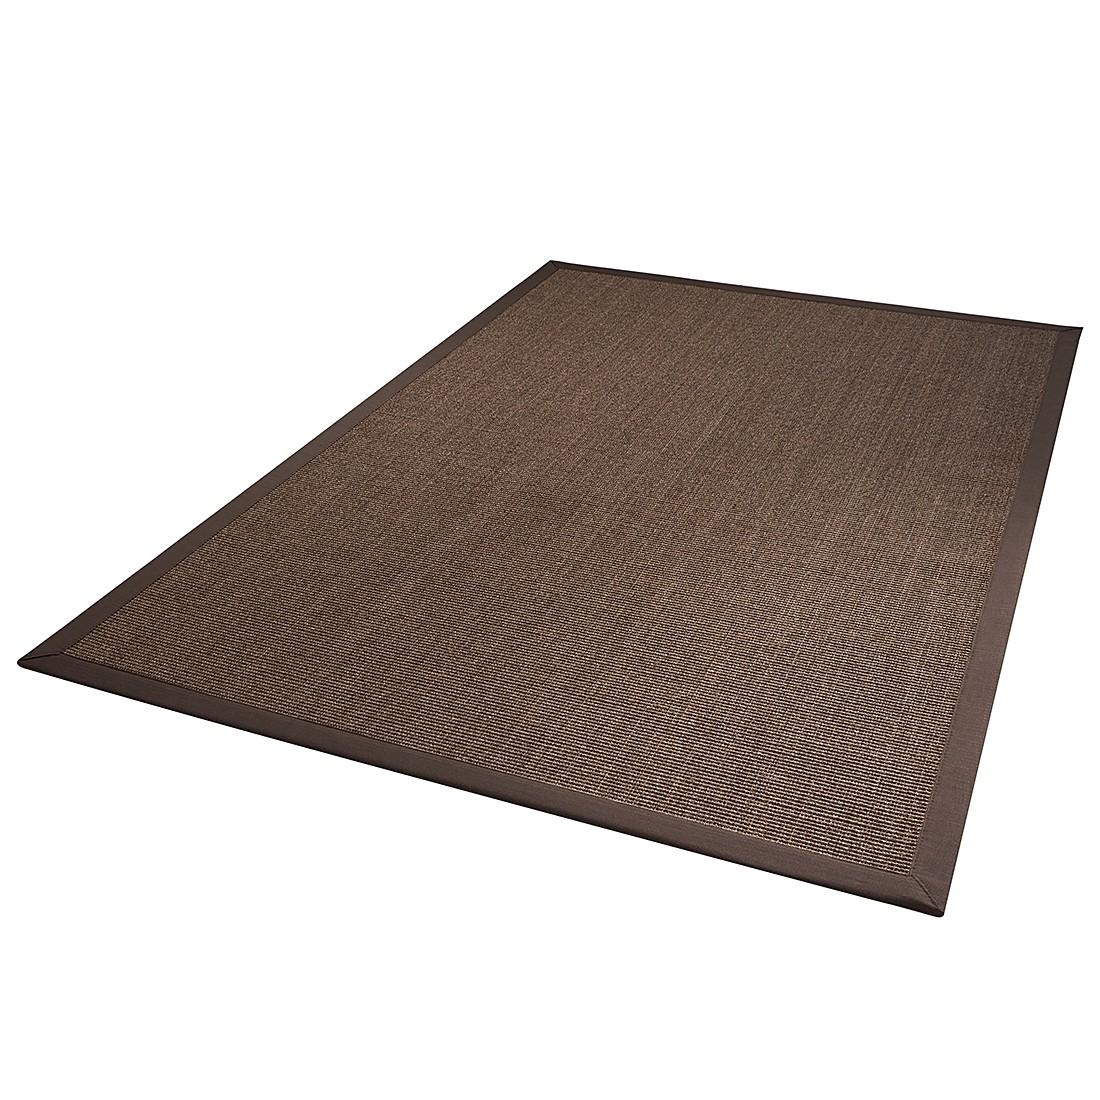 Teppich Mara A2 – Haselnuss – 133 x 190 cm, DEKOWE online kaufen